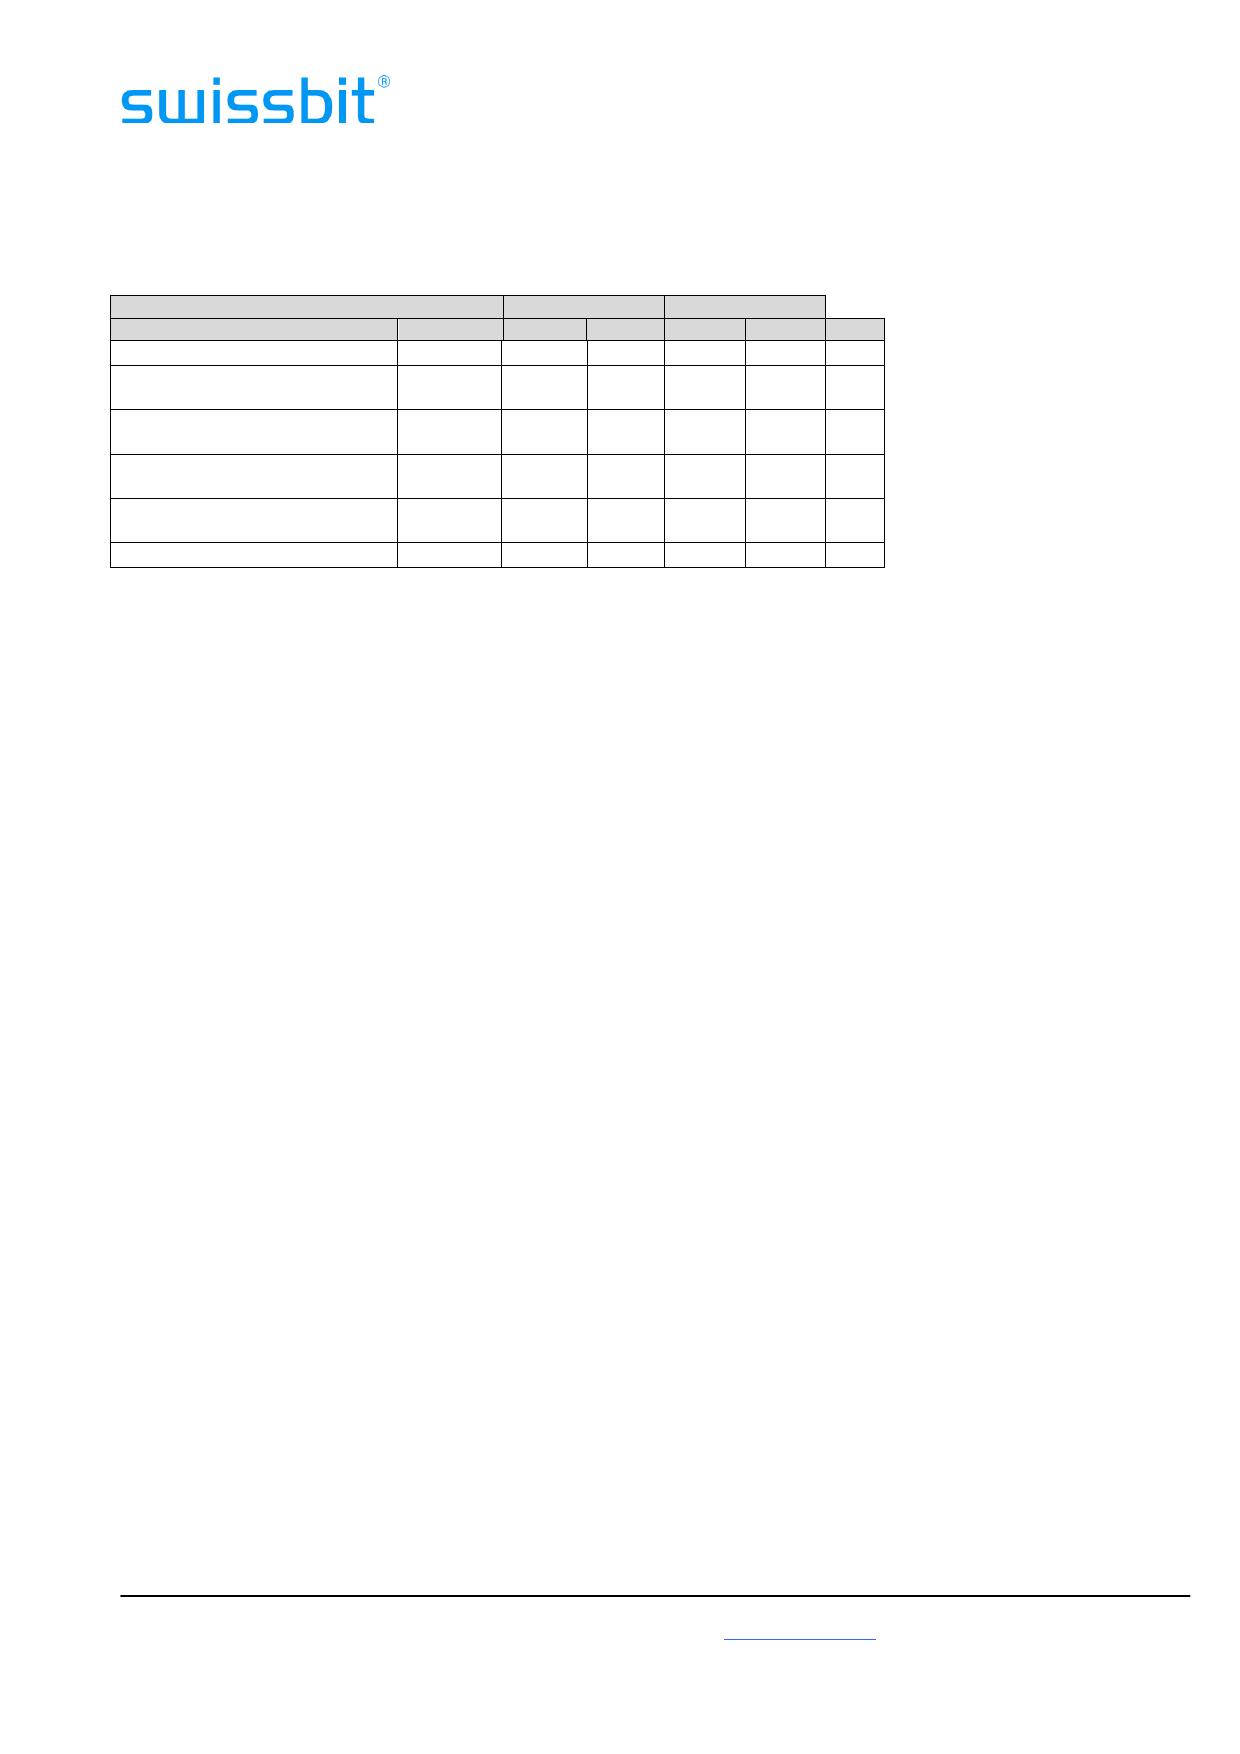 SEN06464H2CG1SA-30ER arduino